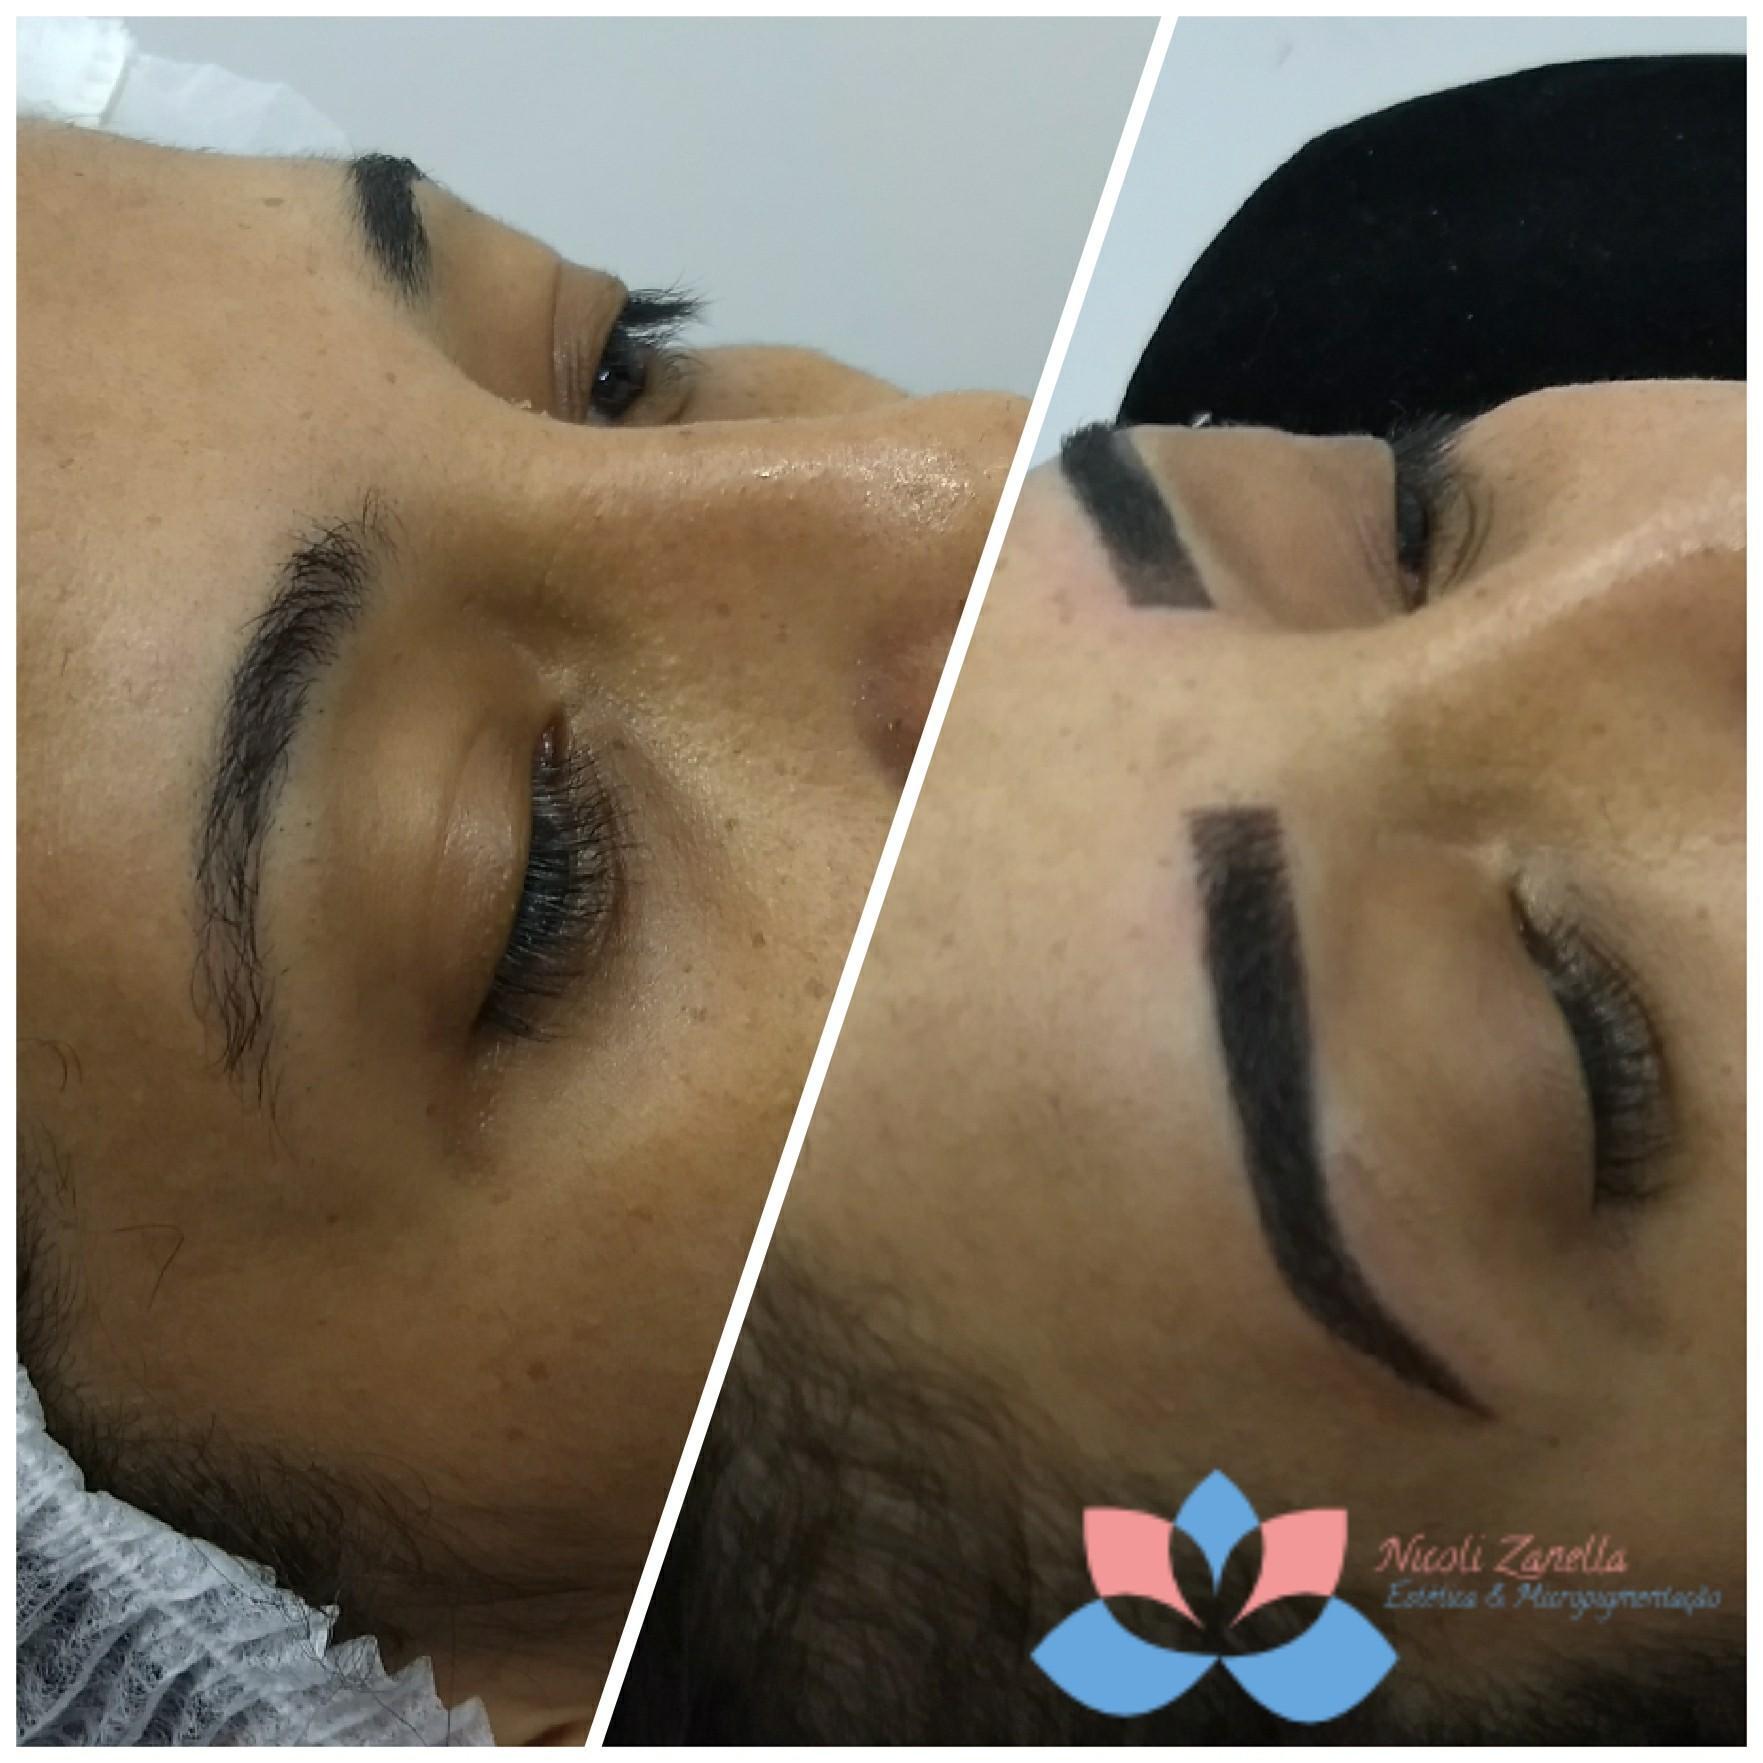 outros esteticista manicure e pedicure maquiador(a) recepcionista micropigmentador(a) designer de sobrancelhas depilador(a)